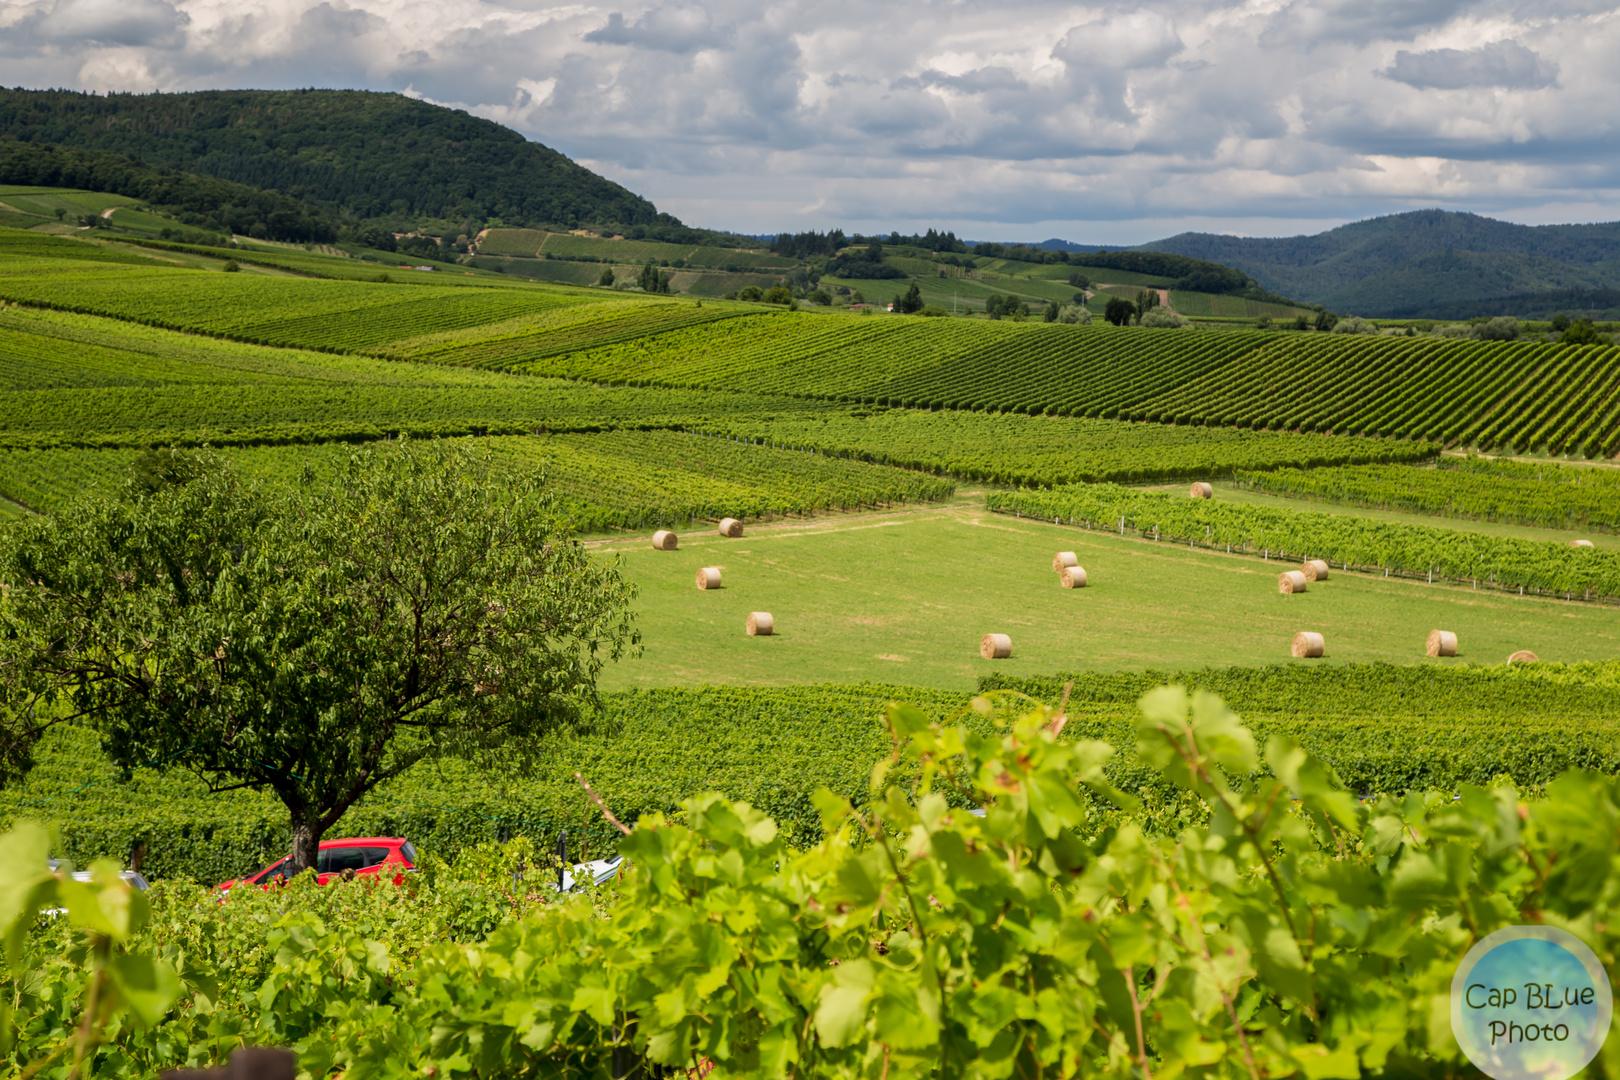 Sommerfeeling auf der kleinen Kalmit mit Blick auf die Weinberge